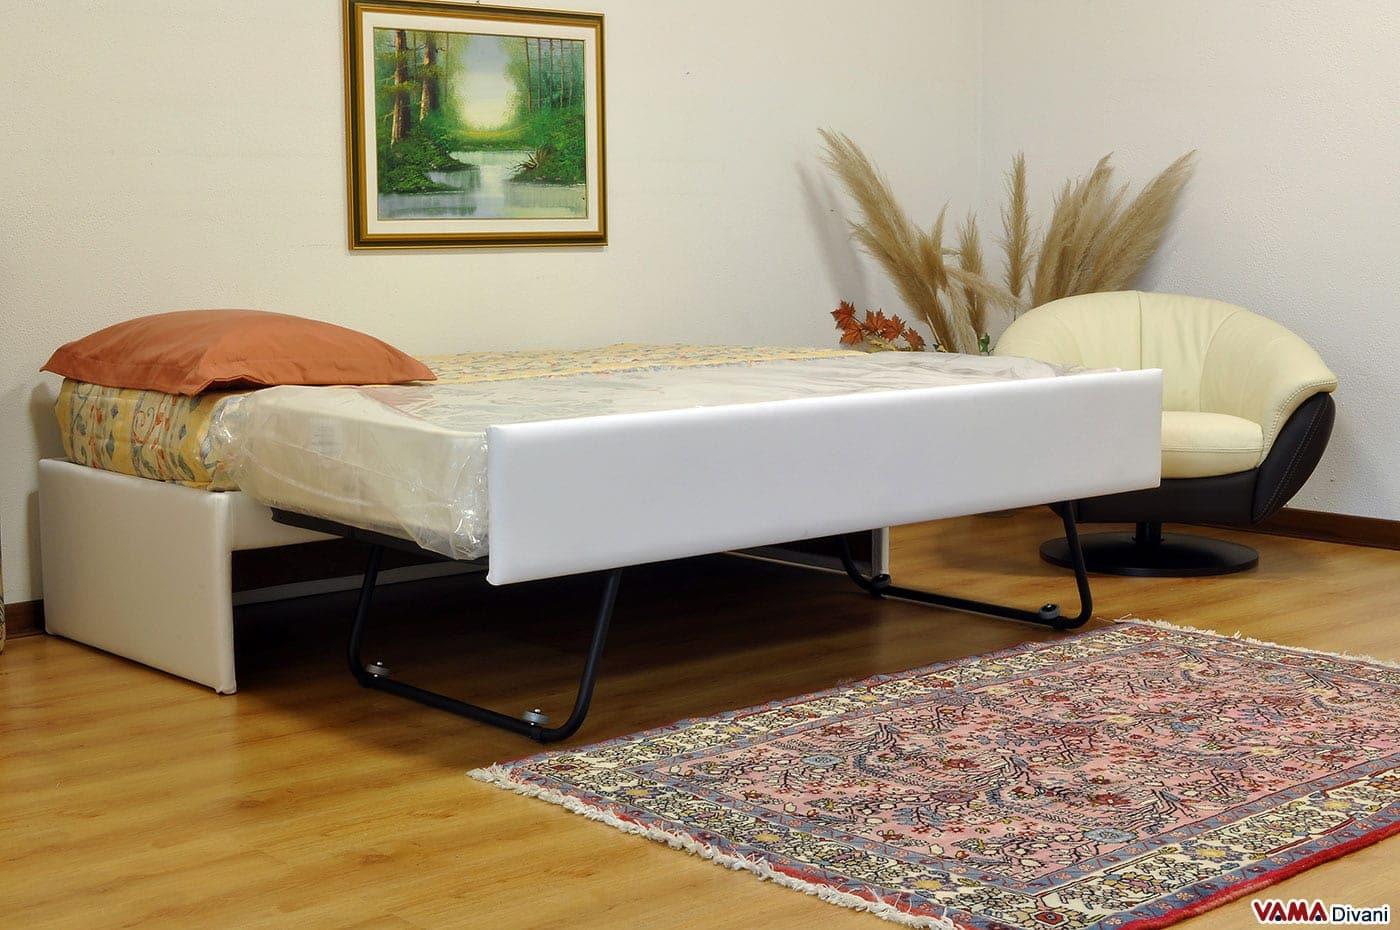 Doppio letto singolo estraibile a scomparsa con reti a doghe - Rete per letto singolo ...